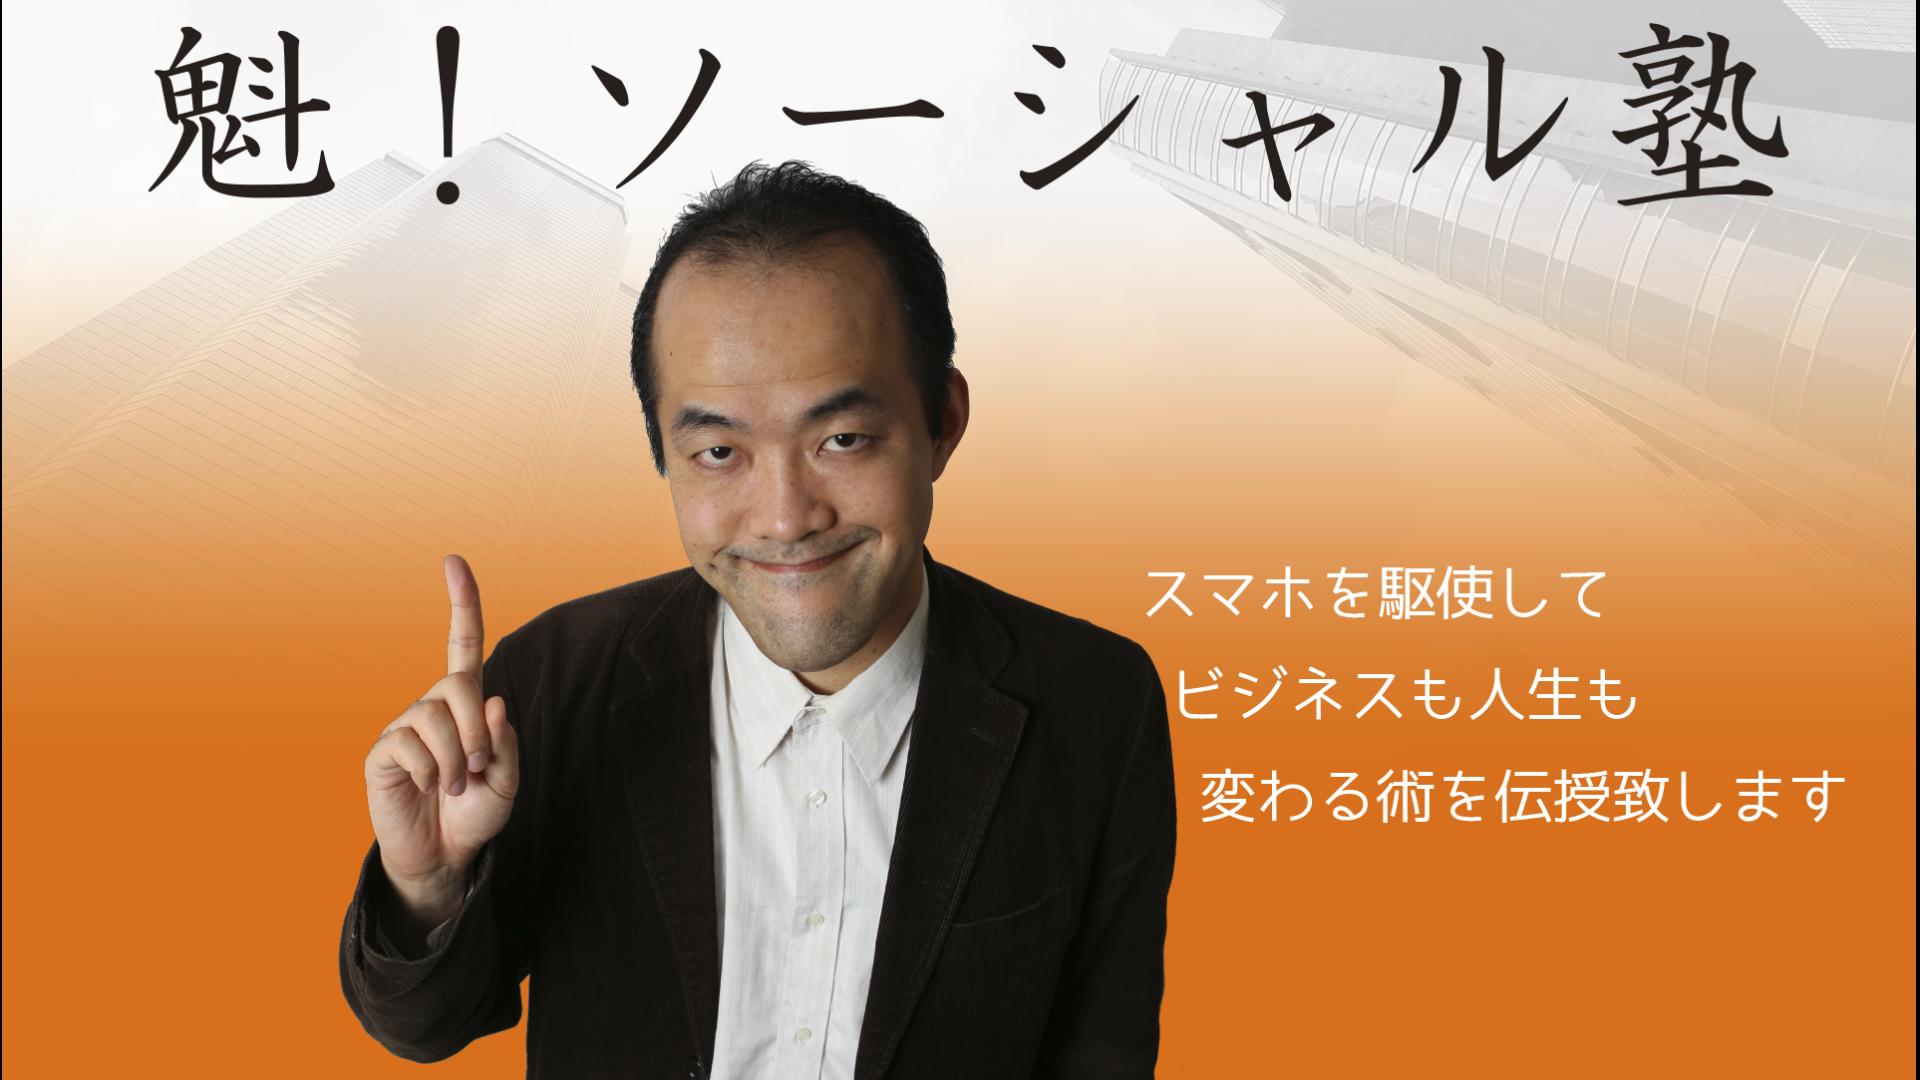 魁!!ソーシャル塾 アナログ人よスマホで覚醒めよ!